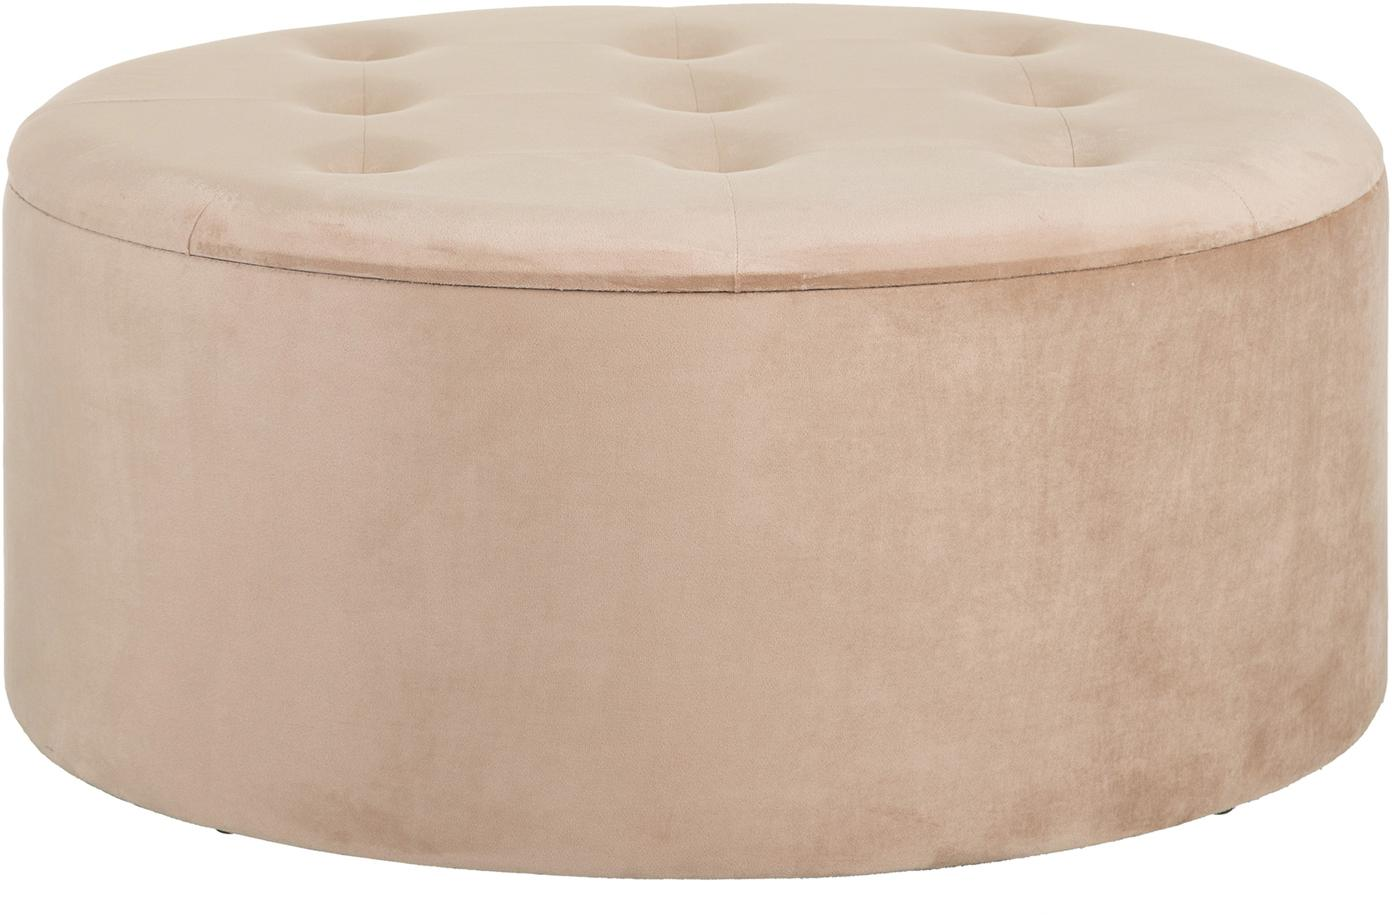 Pouf contenitore in velluto Bina, Rivestimento: poliestere (velluto), Beige, Ø 90 x Alt. 40 cm